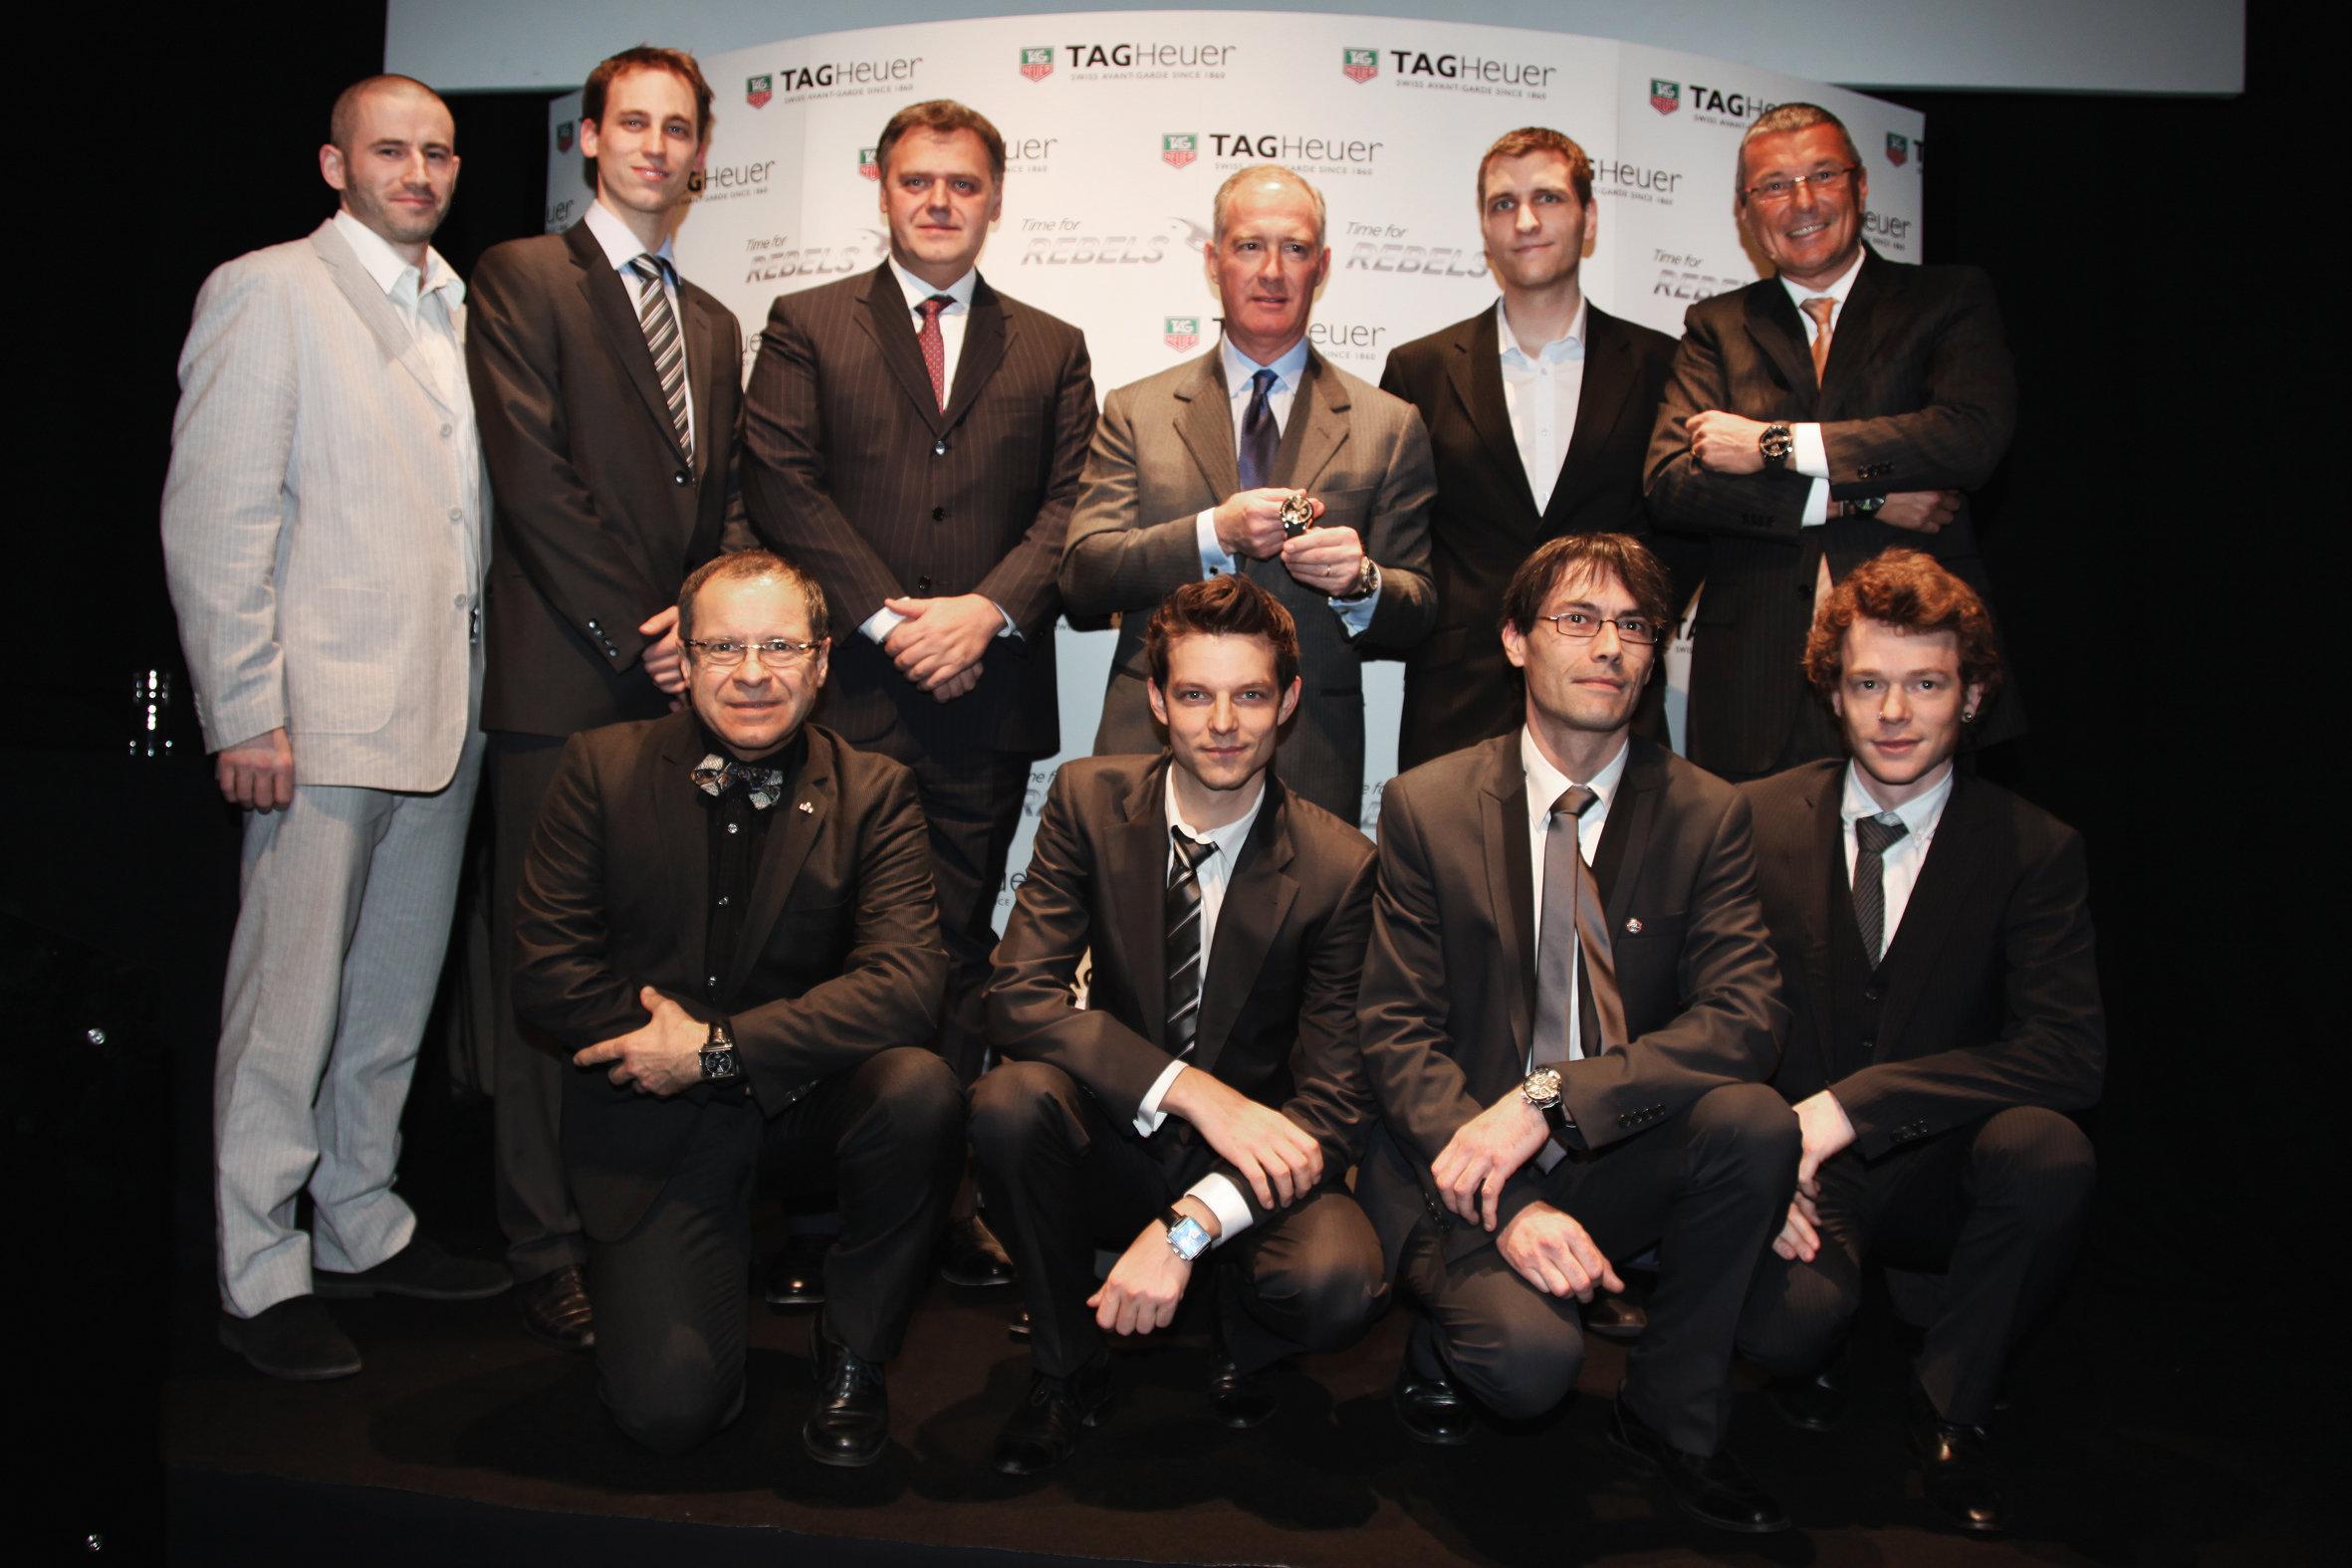 """Francesco Trapani, Presidente de LVMH Group; Jean Christophe Babin, CEO, y Guy Semon, Director de Investigación y Desarrollo, encabezan al grupo de """"rebeldes"""" de TAG Heuer."""